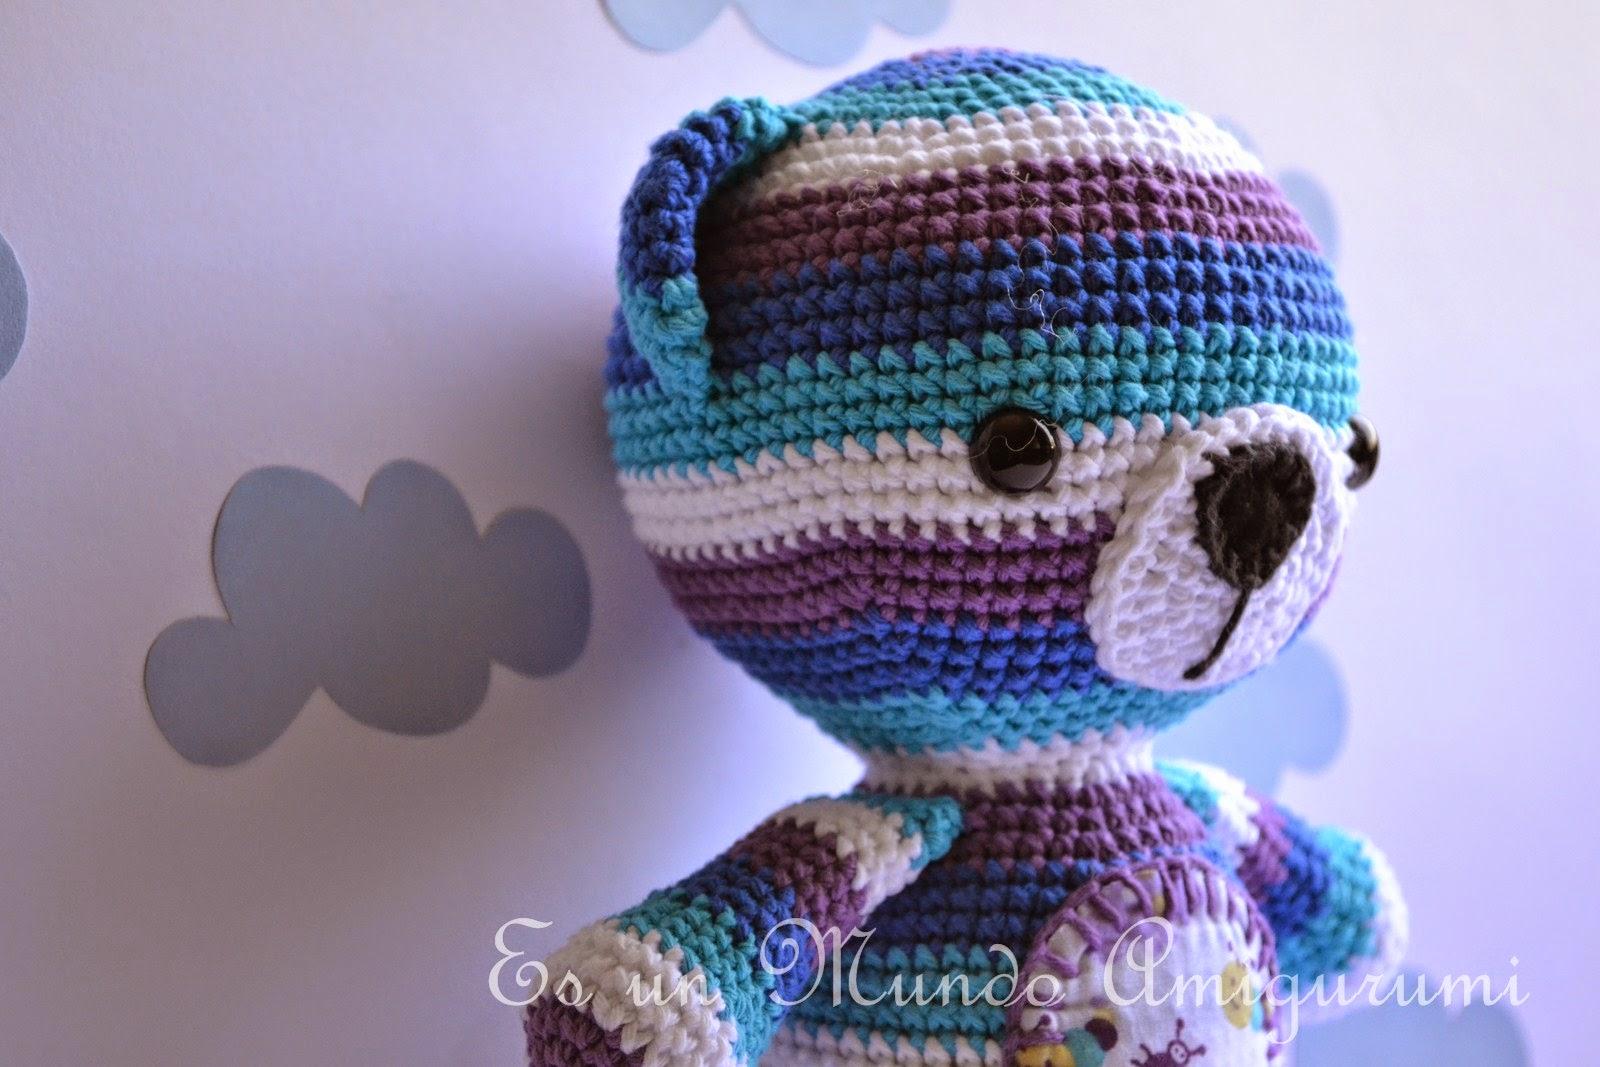 Encantador Patrón De Crochet Libre De Carenado Oso Viñeta - Manta de ...